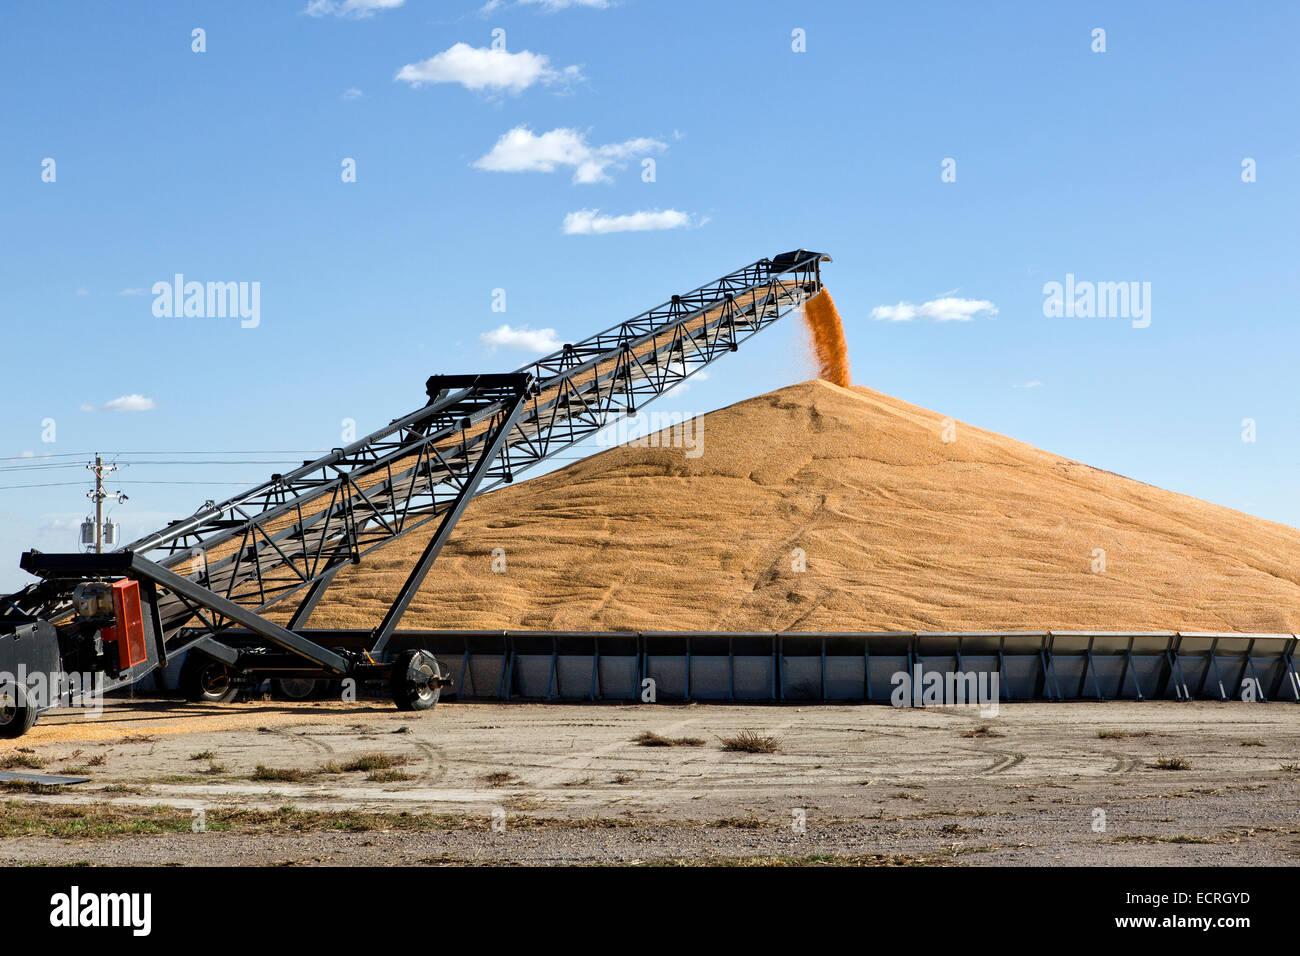 Convoyeur de transport Le transport de maïs égrené dans une soute de stockage. Photo Stock